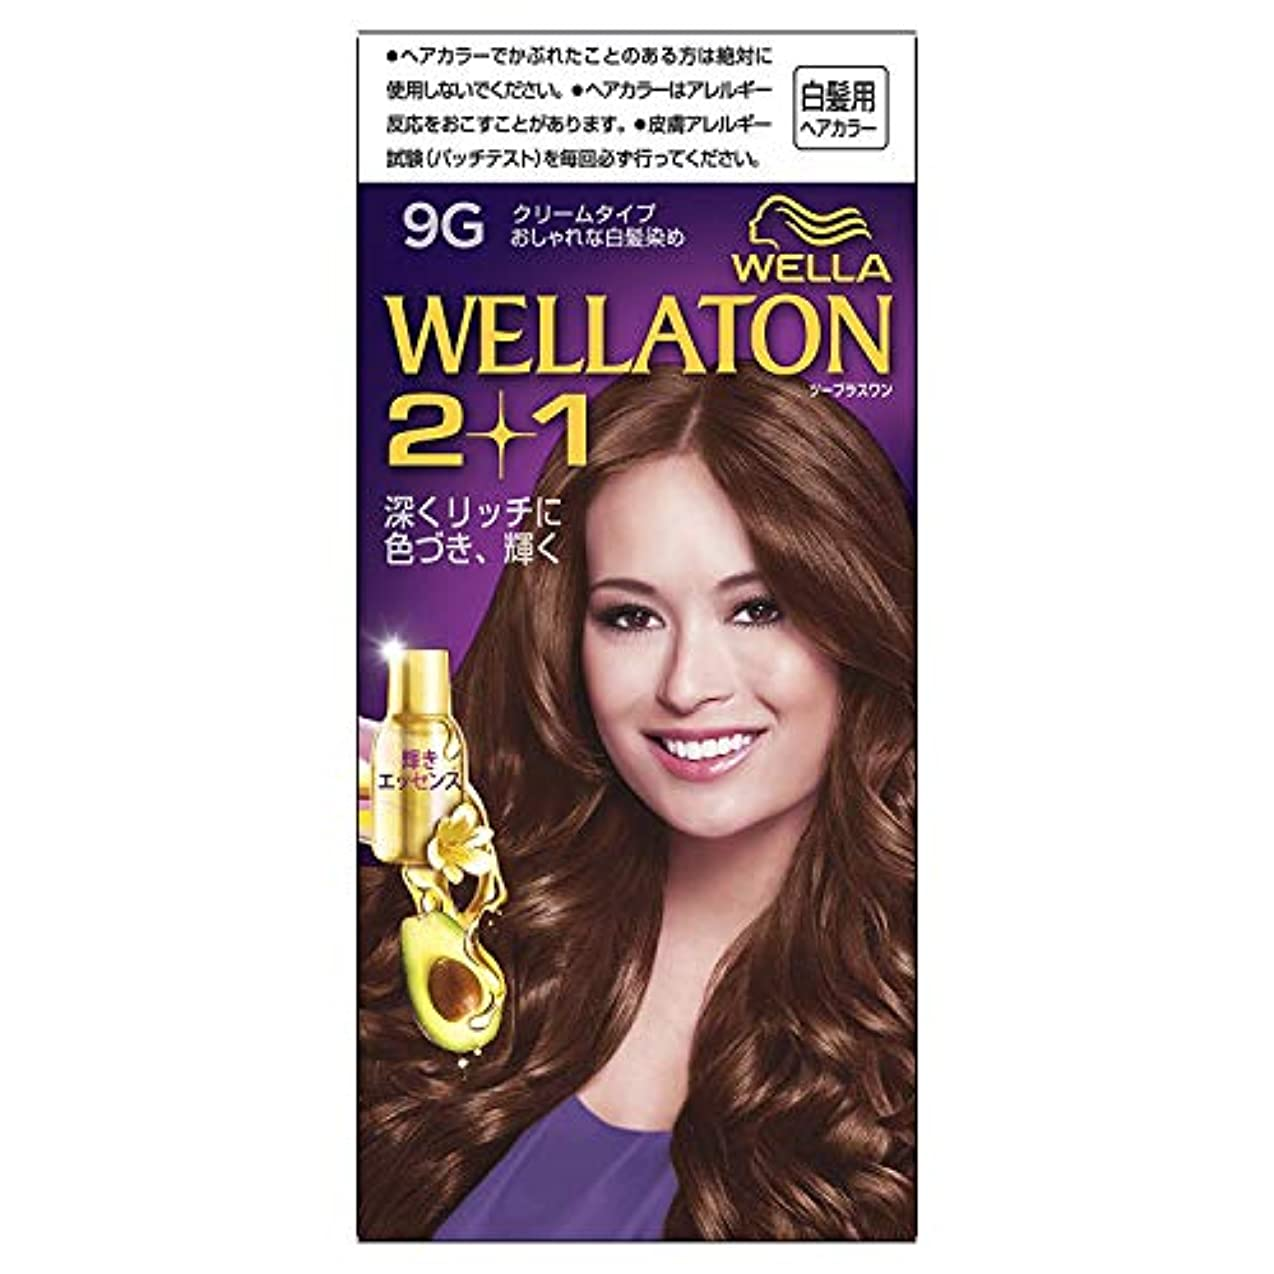 発音する味わう消費するウエラトーン2+1 クリームタイプ 9G [医薬部外品]×3個